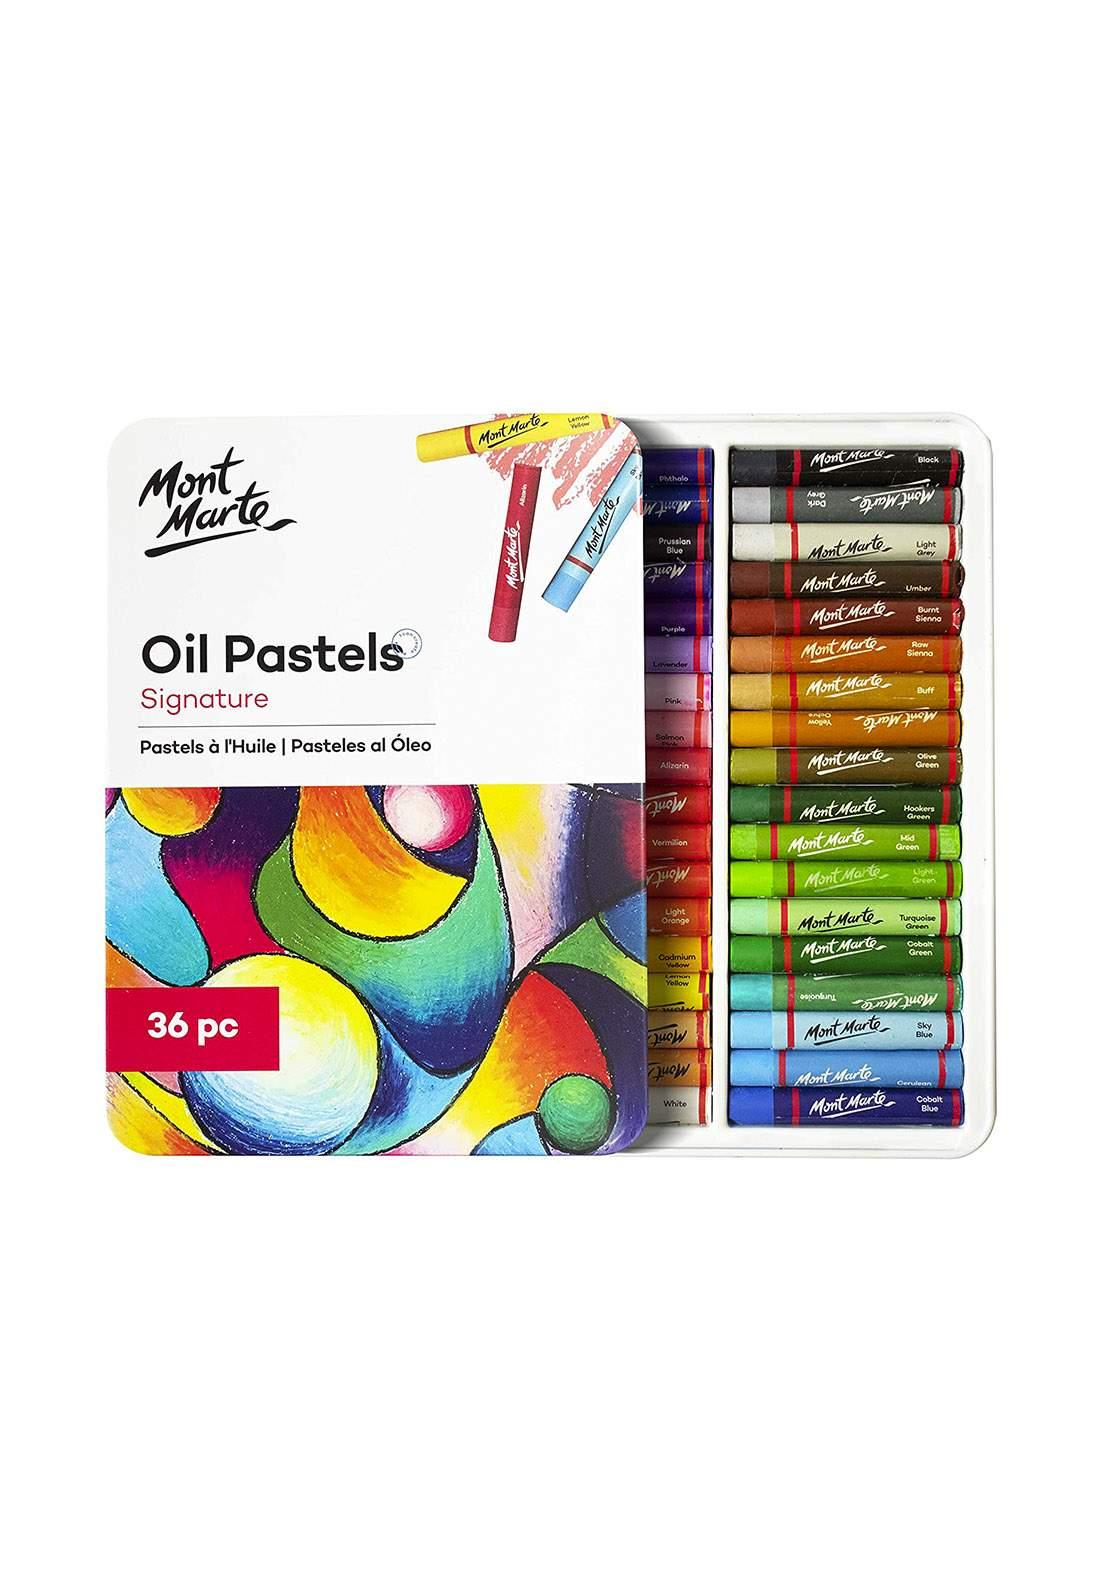 Mont Marte Oil Pastels Signature – 36 Pcs الوان باستيل 36 لون